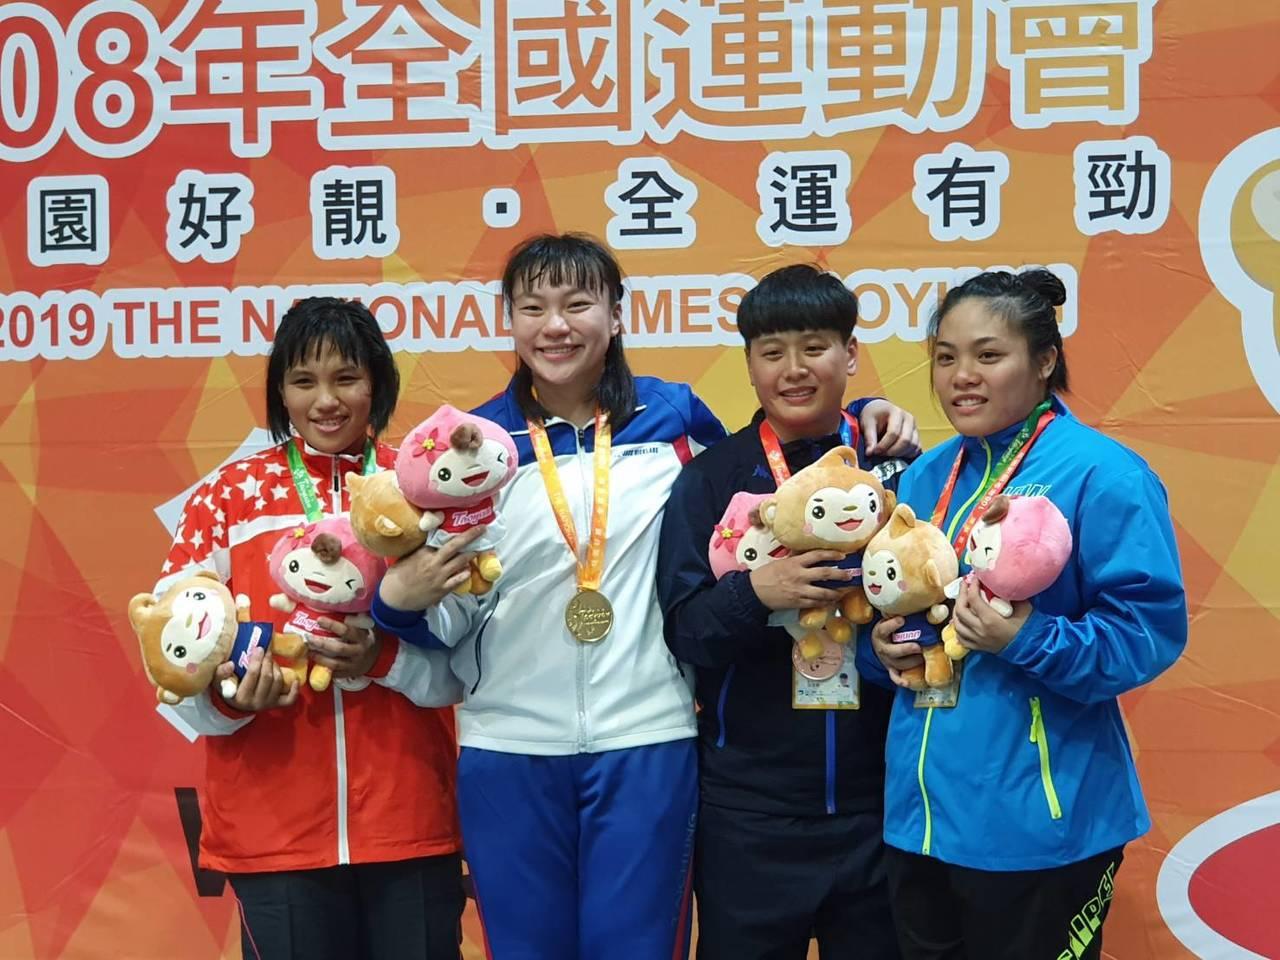 台中市張惠慈(左二)女子角力第六量級摘金二連霸。記者林宋以情/攝影